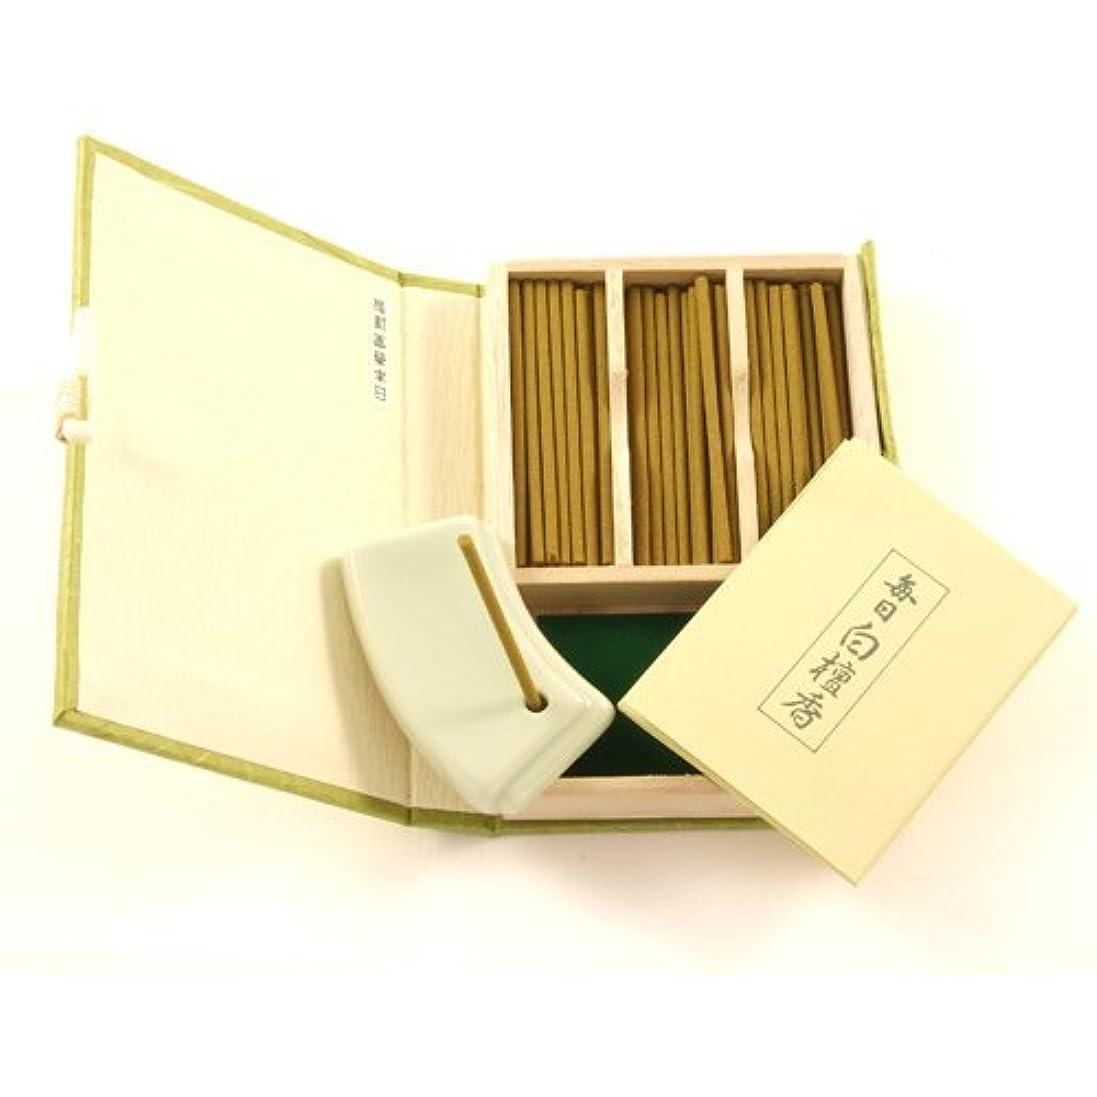 そっと分割投げ捨てるJapanese Sandalwood Incense Gift Set Mainichi Byakudan by Nippon [並行輸入品]